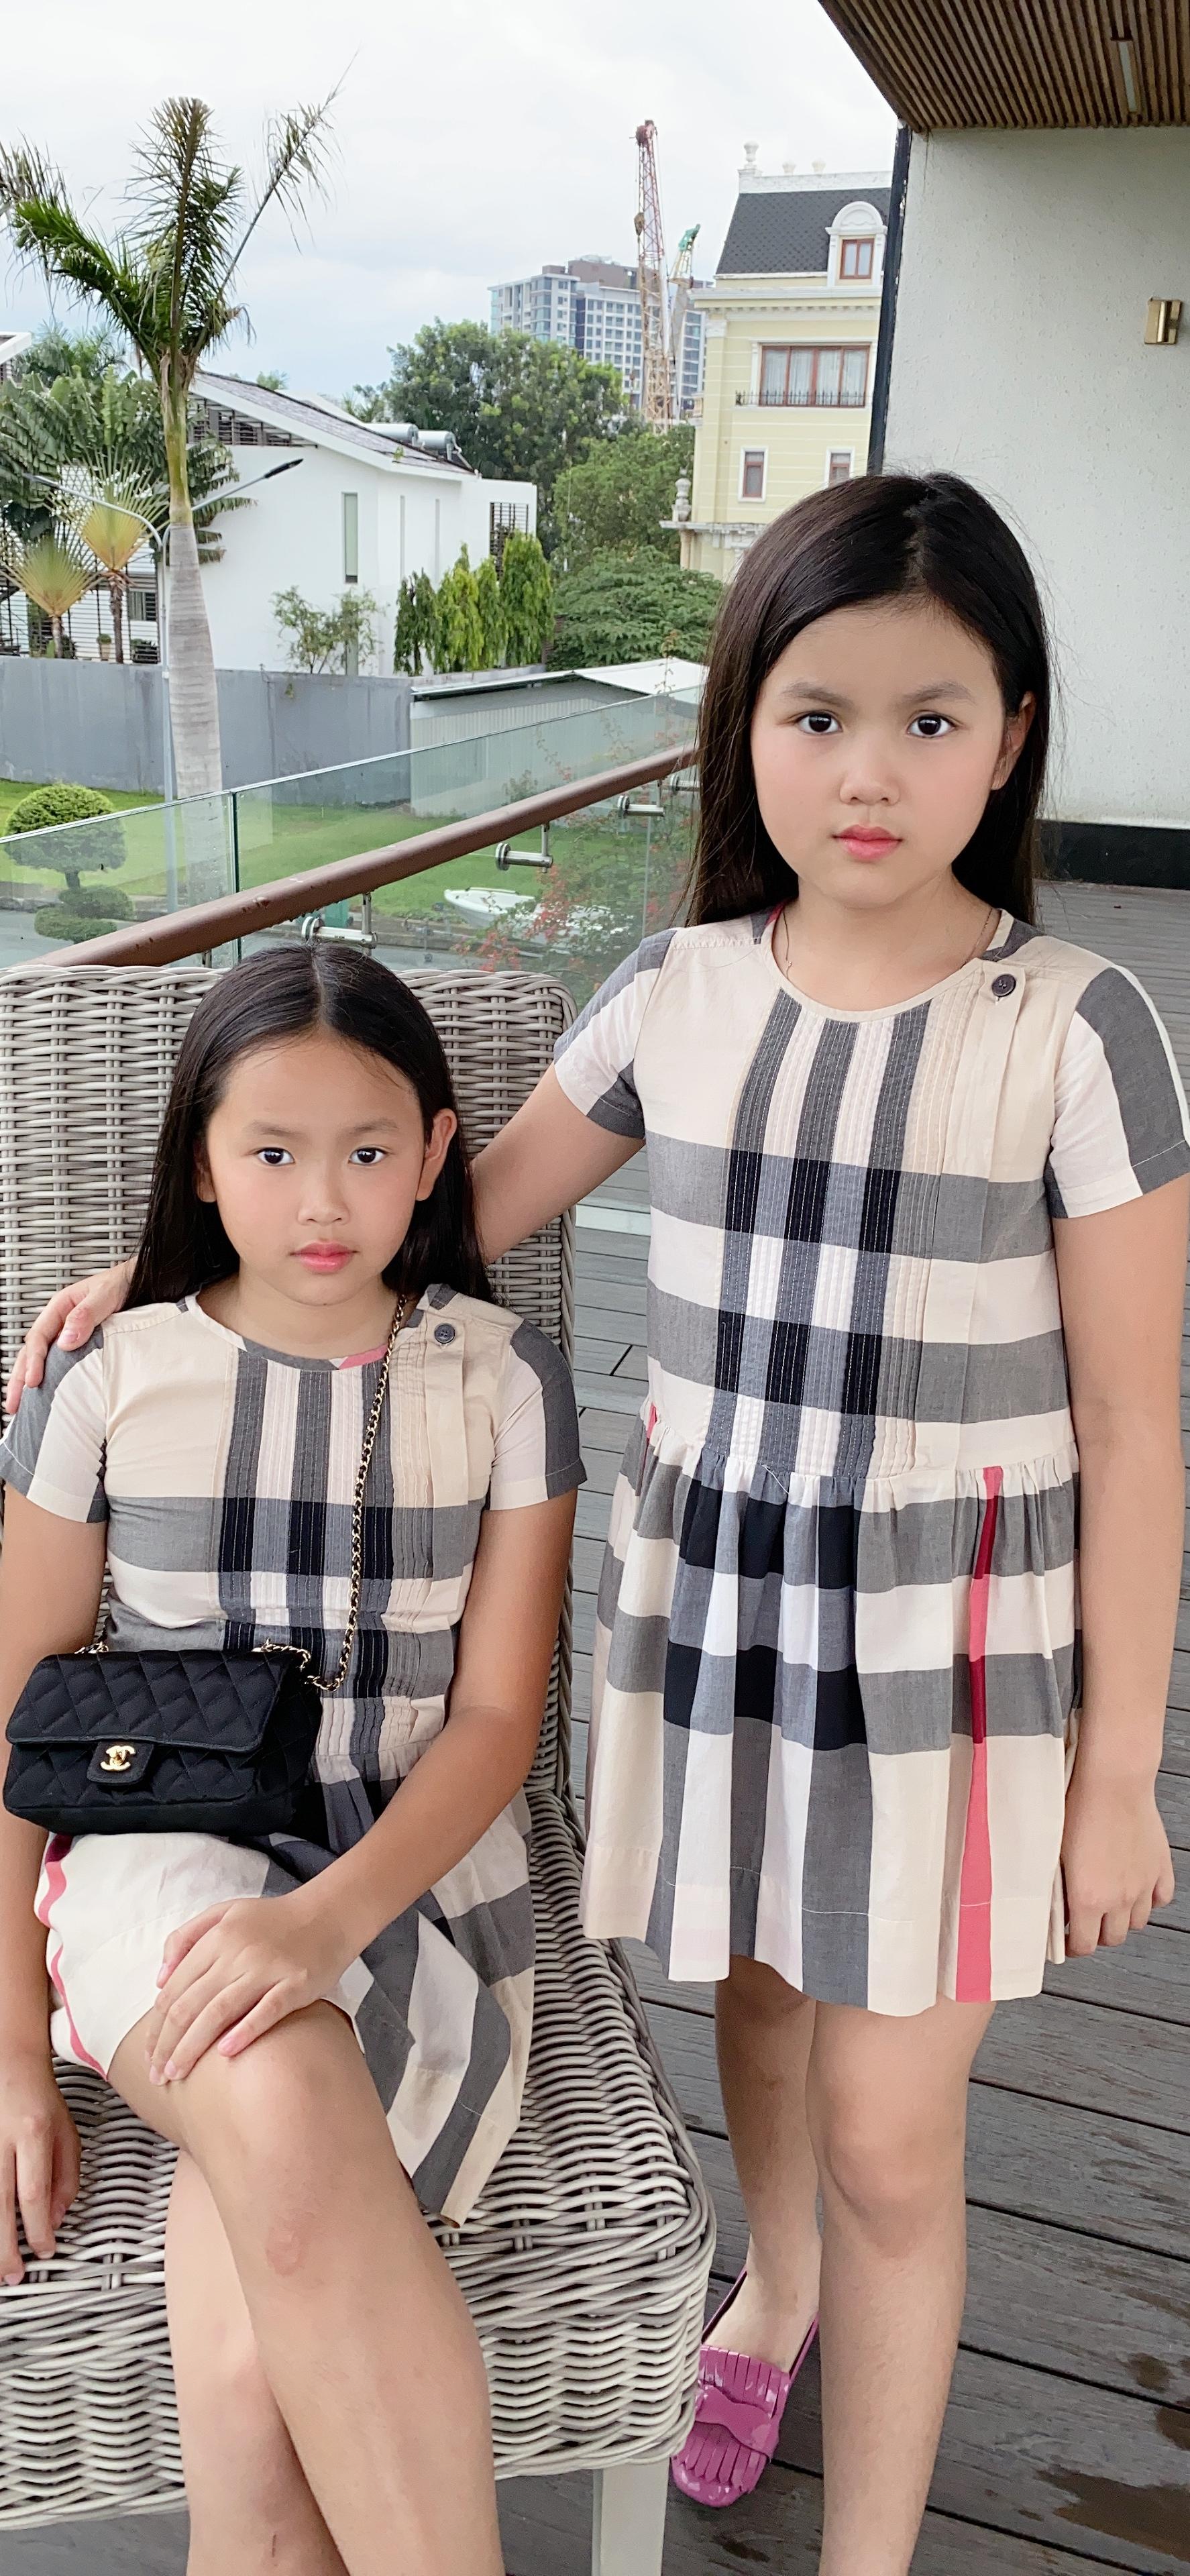 Bất ngờ với vẻ ngoài cực kỳ đáng yêu của hai con gái sinh đôi nhà Hoa hậu Phương Lê, nhìn số lượng đồ hiệu mà ai cũng ghen tị 0